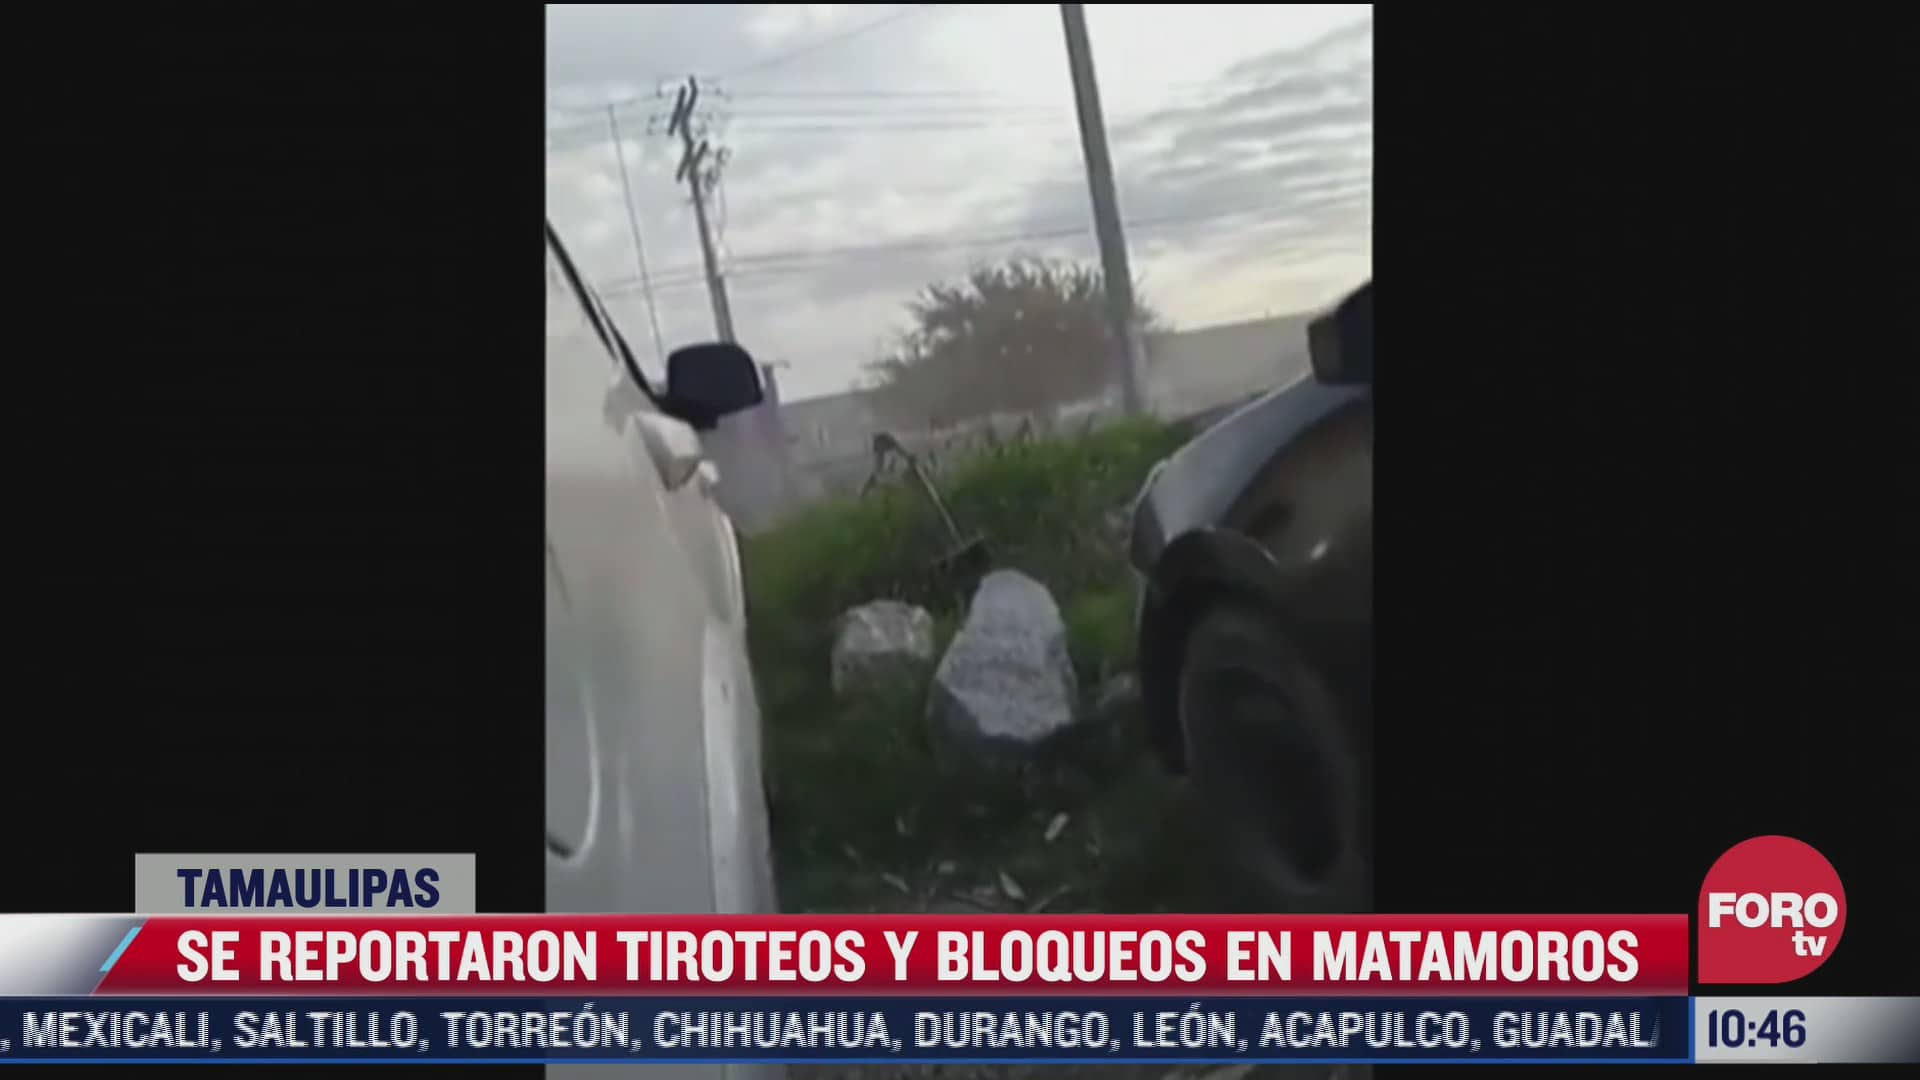 se reportaron tiroteos y bloqueos en matamoros tamaulipas